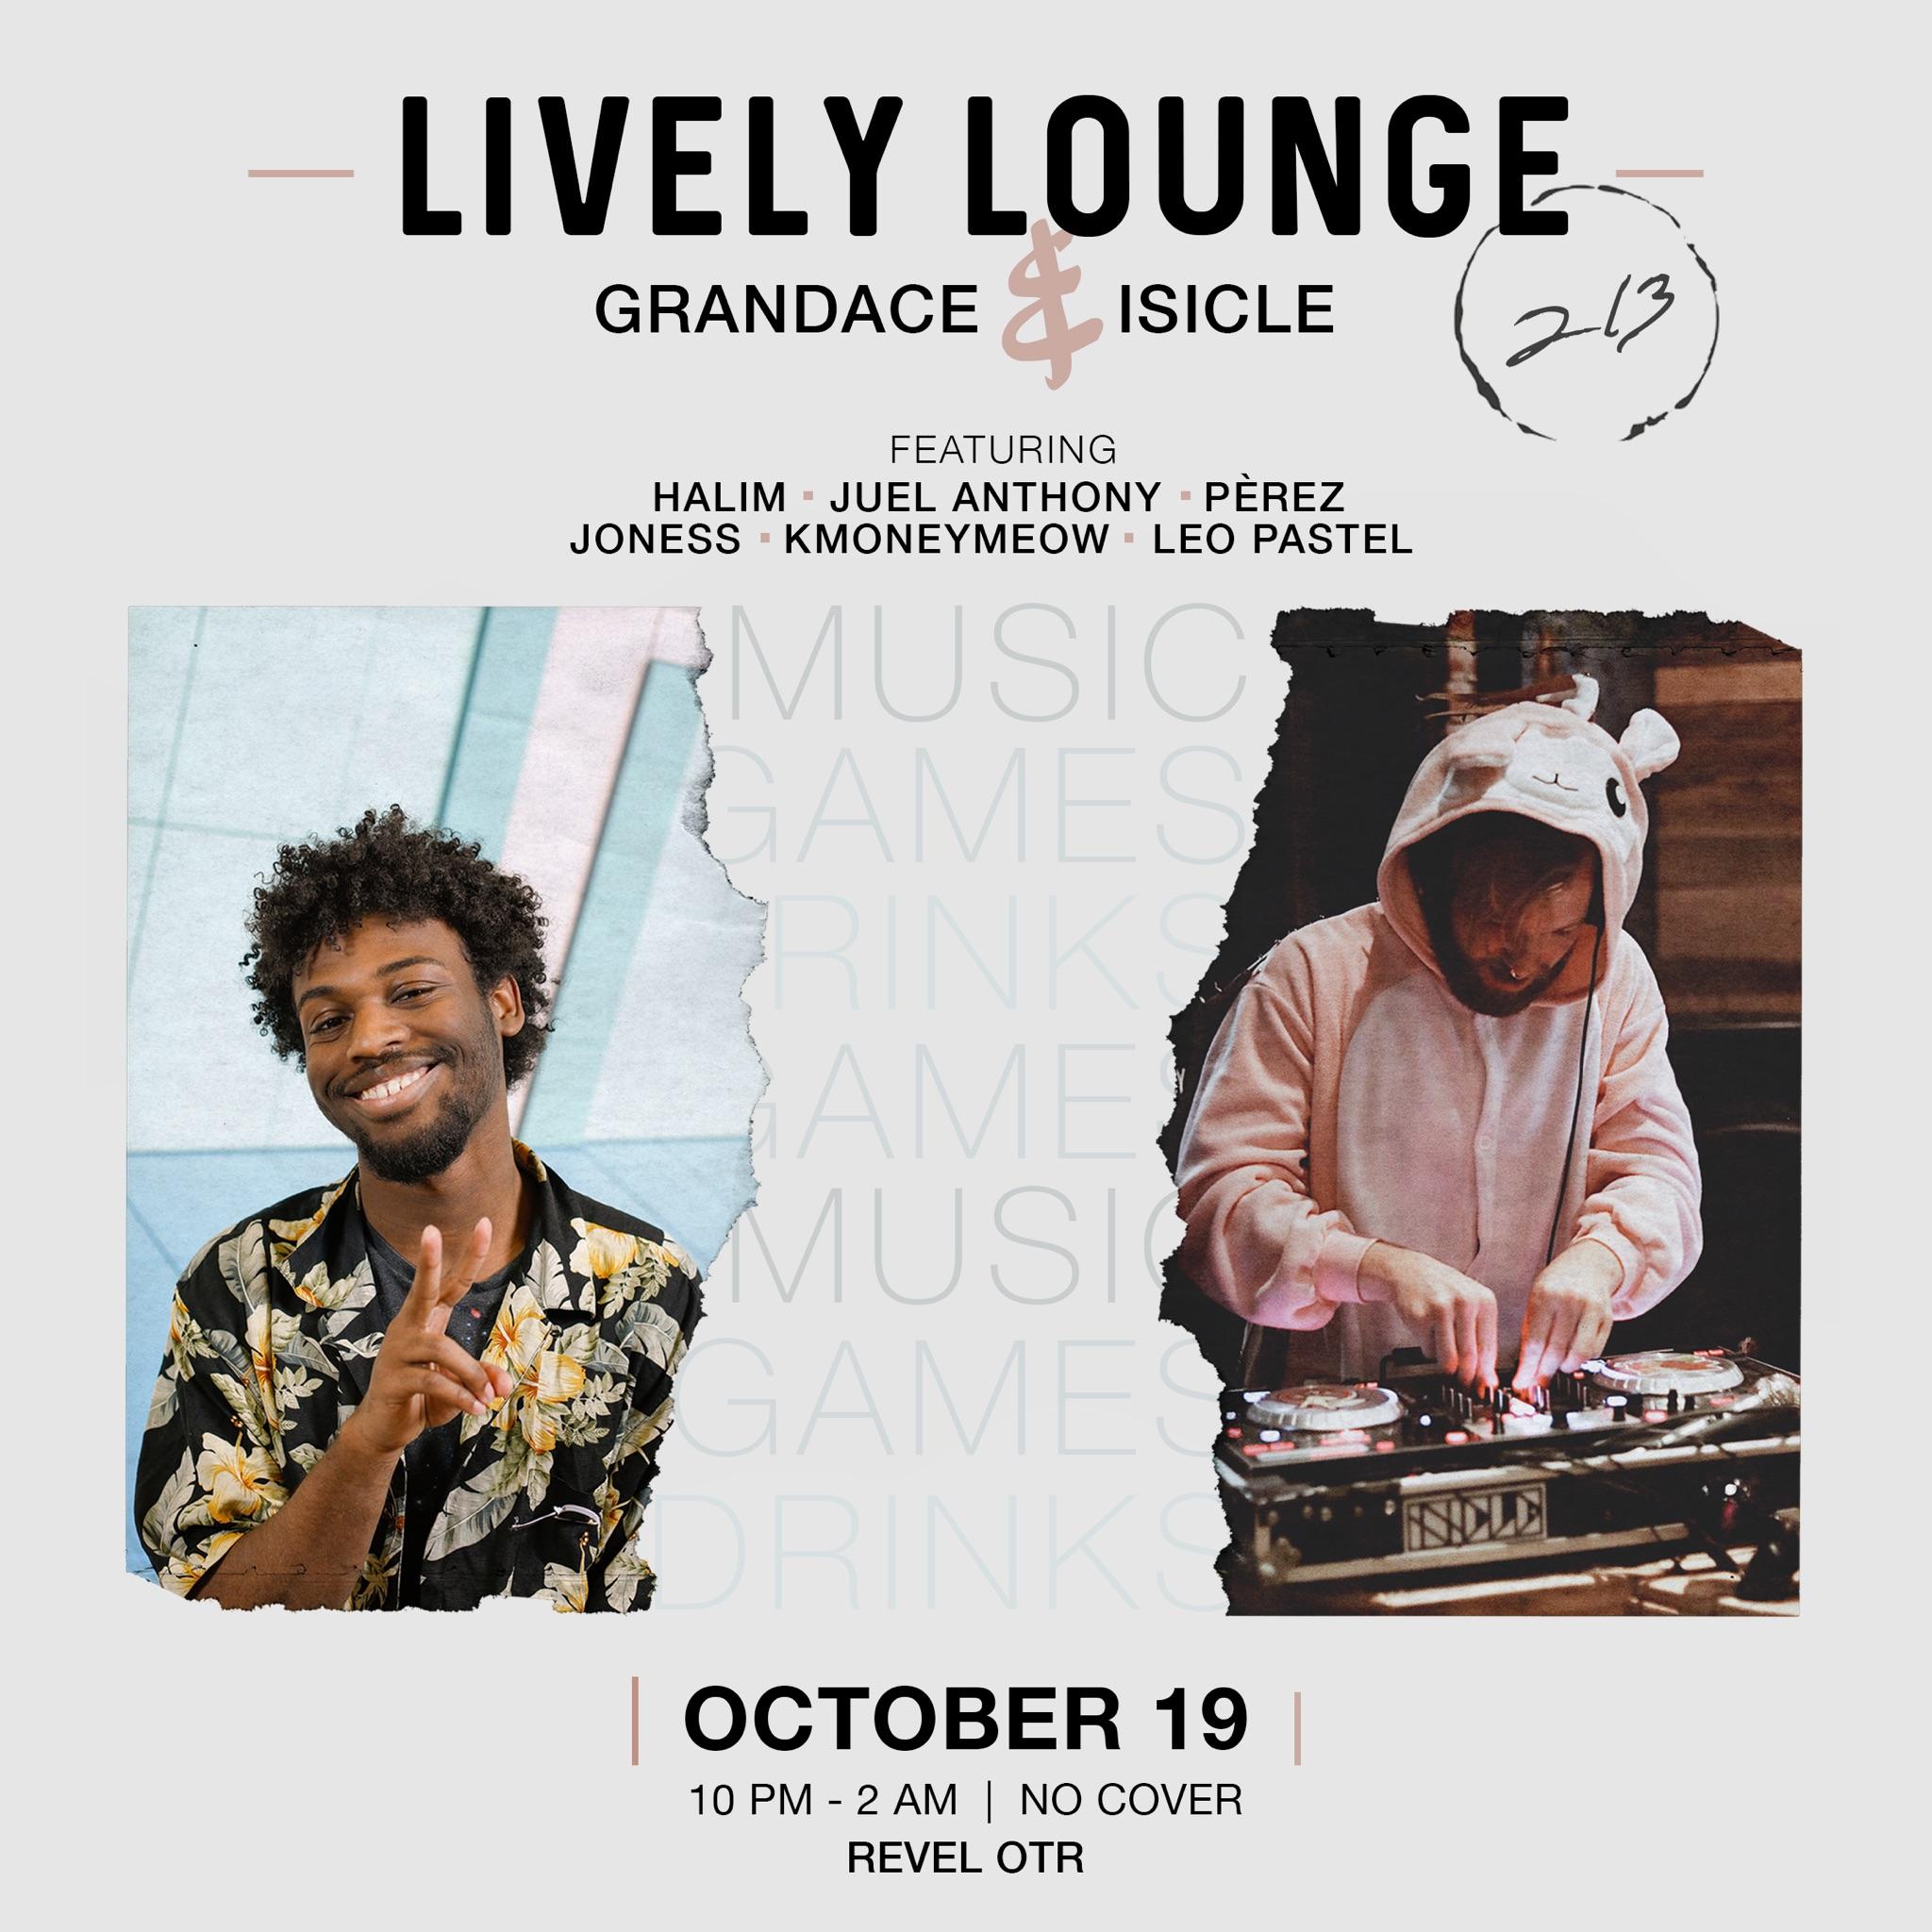 GrandAce_Isicle_LivelyLounge.JPG